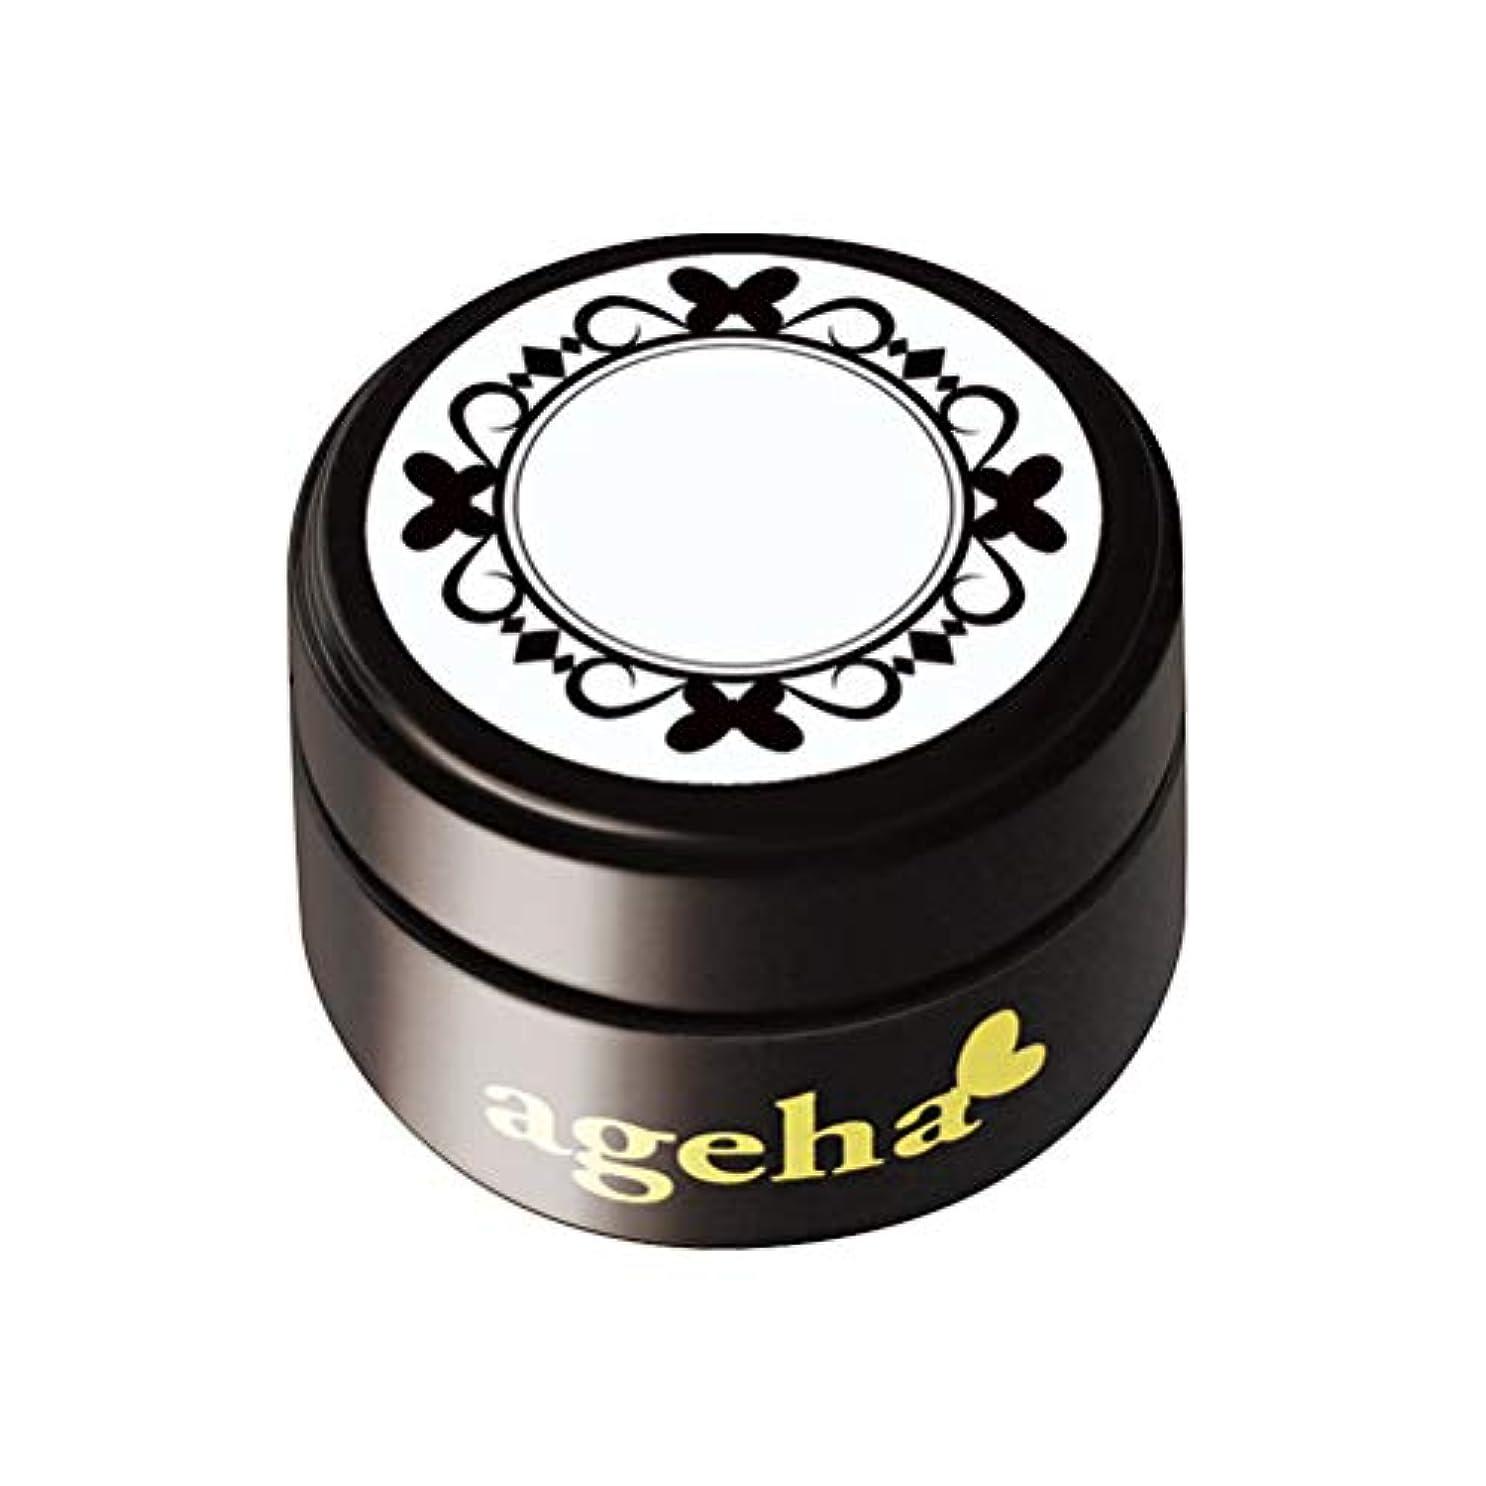 寝具解放する学習者ageha コスメカラー 418 ラグジュエル サラ グリッター 2.7g UV/LED対応